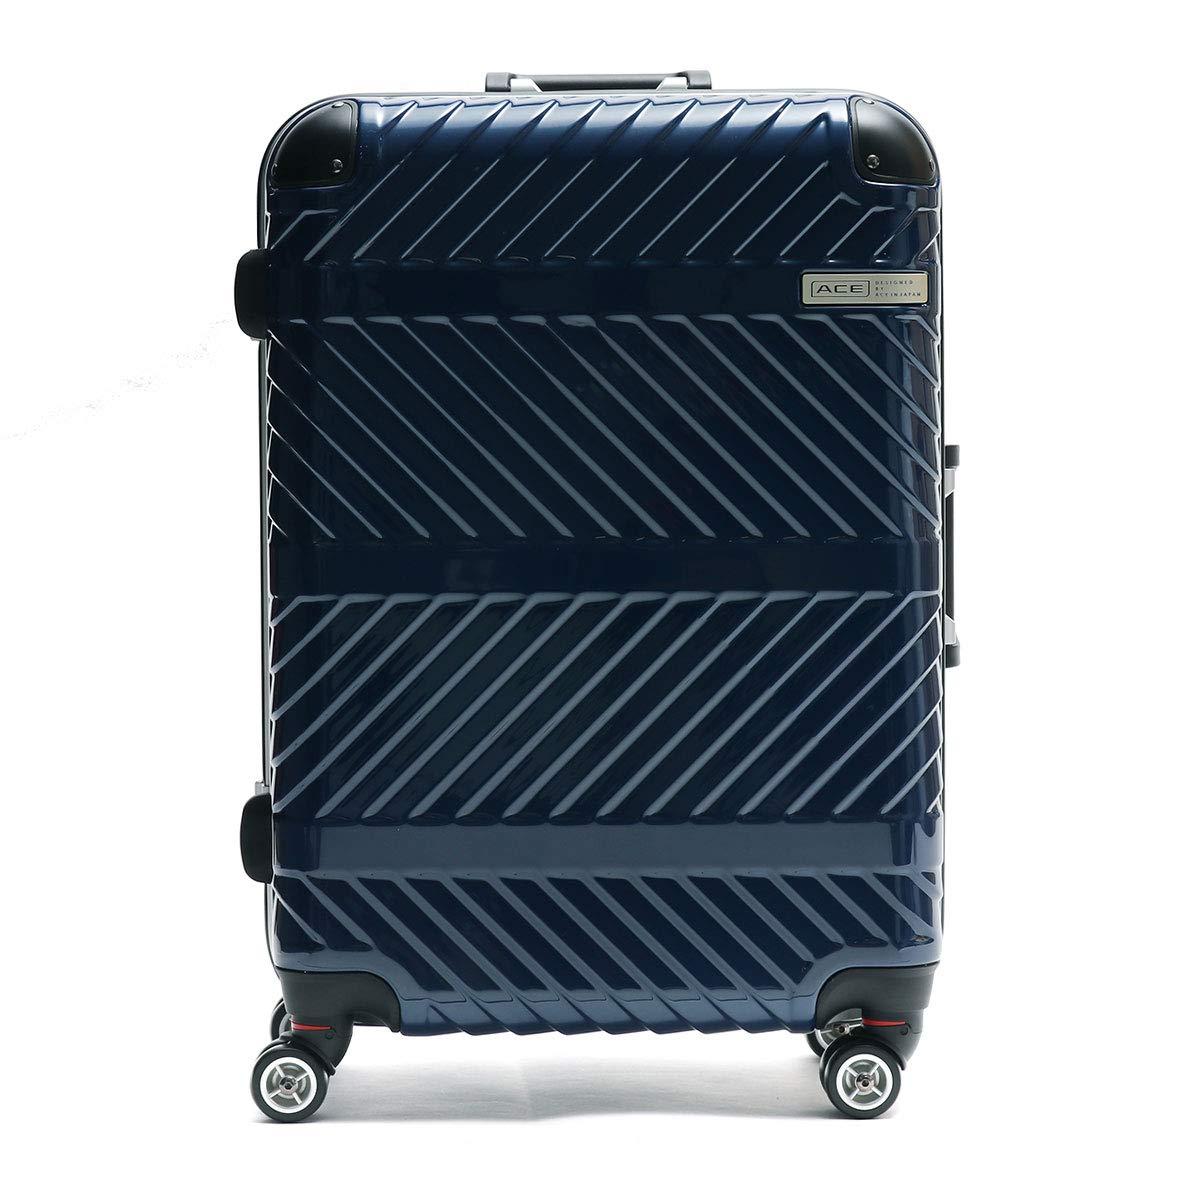 [エース デザインド バイ エース イン ジャパン]ACE DESIGNED BY ACE IN JAPAN パラヴァイド スーツケース 61L 06297 B07Q1F1H6G ネイビー(03)